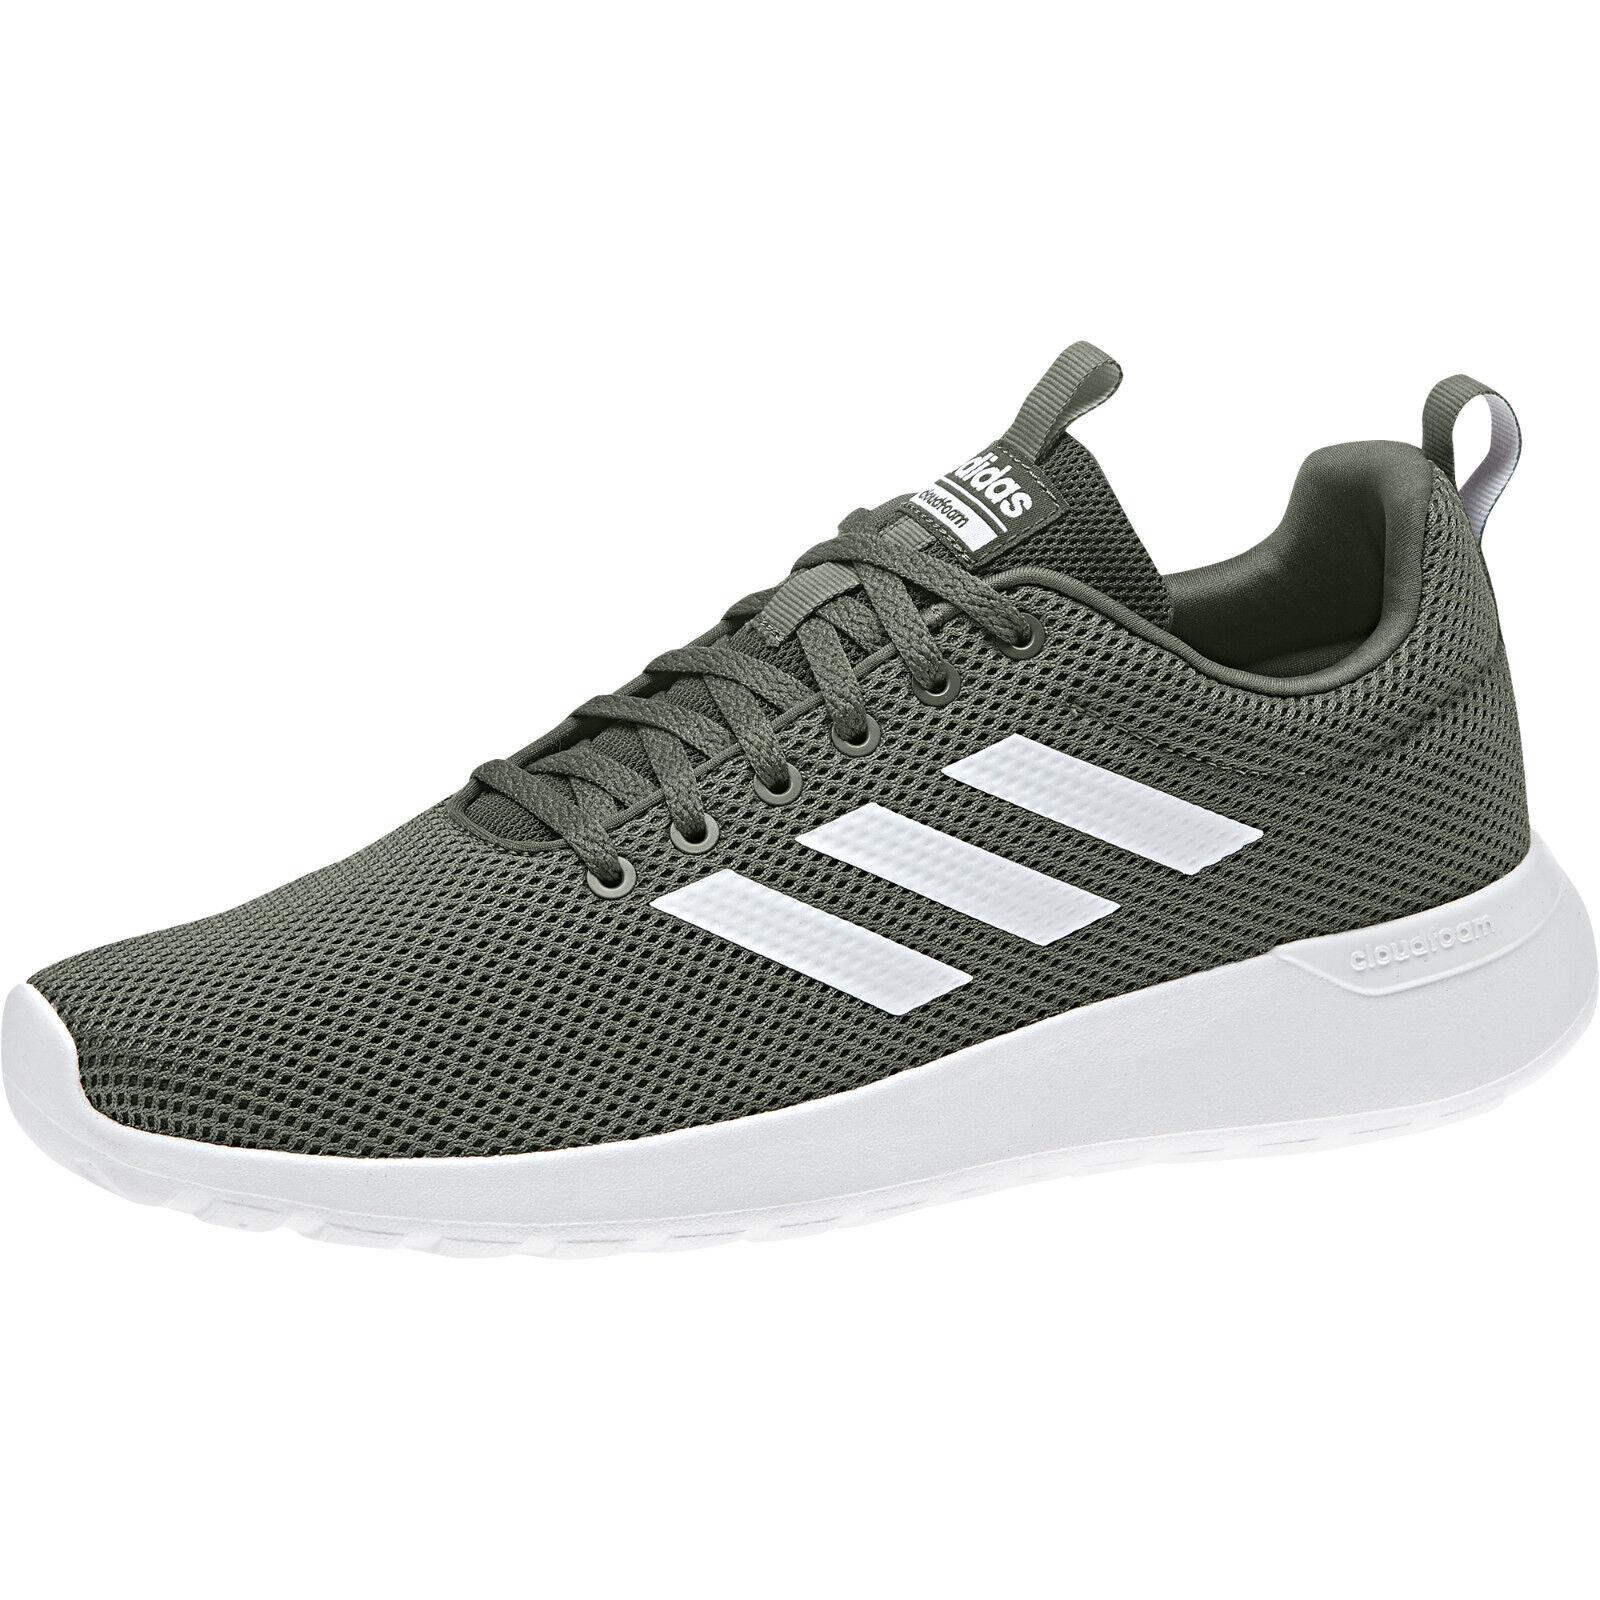 Adidas Uomini Scarpe Da Corsa Essentials Lite Racer CLN Scarpe da ginnastica palestra B96565 NUOVO